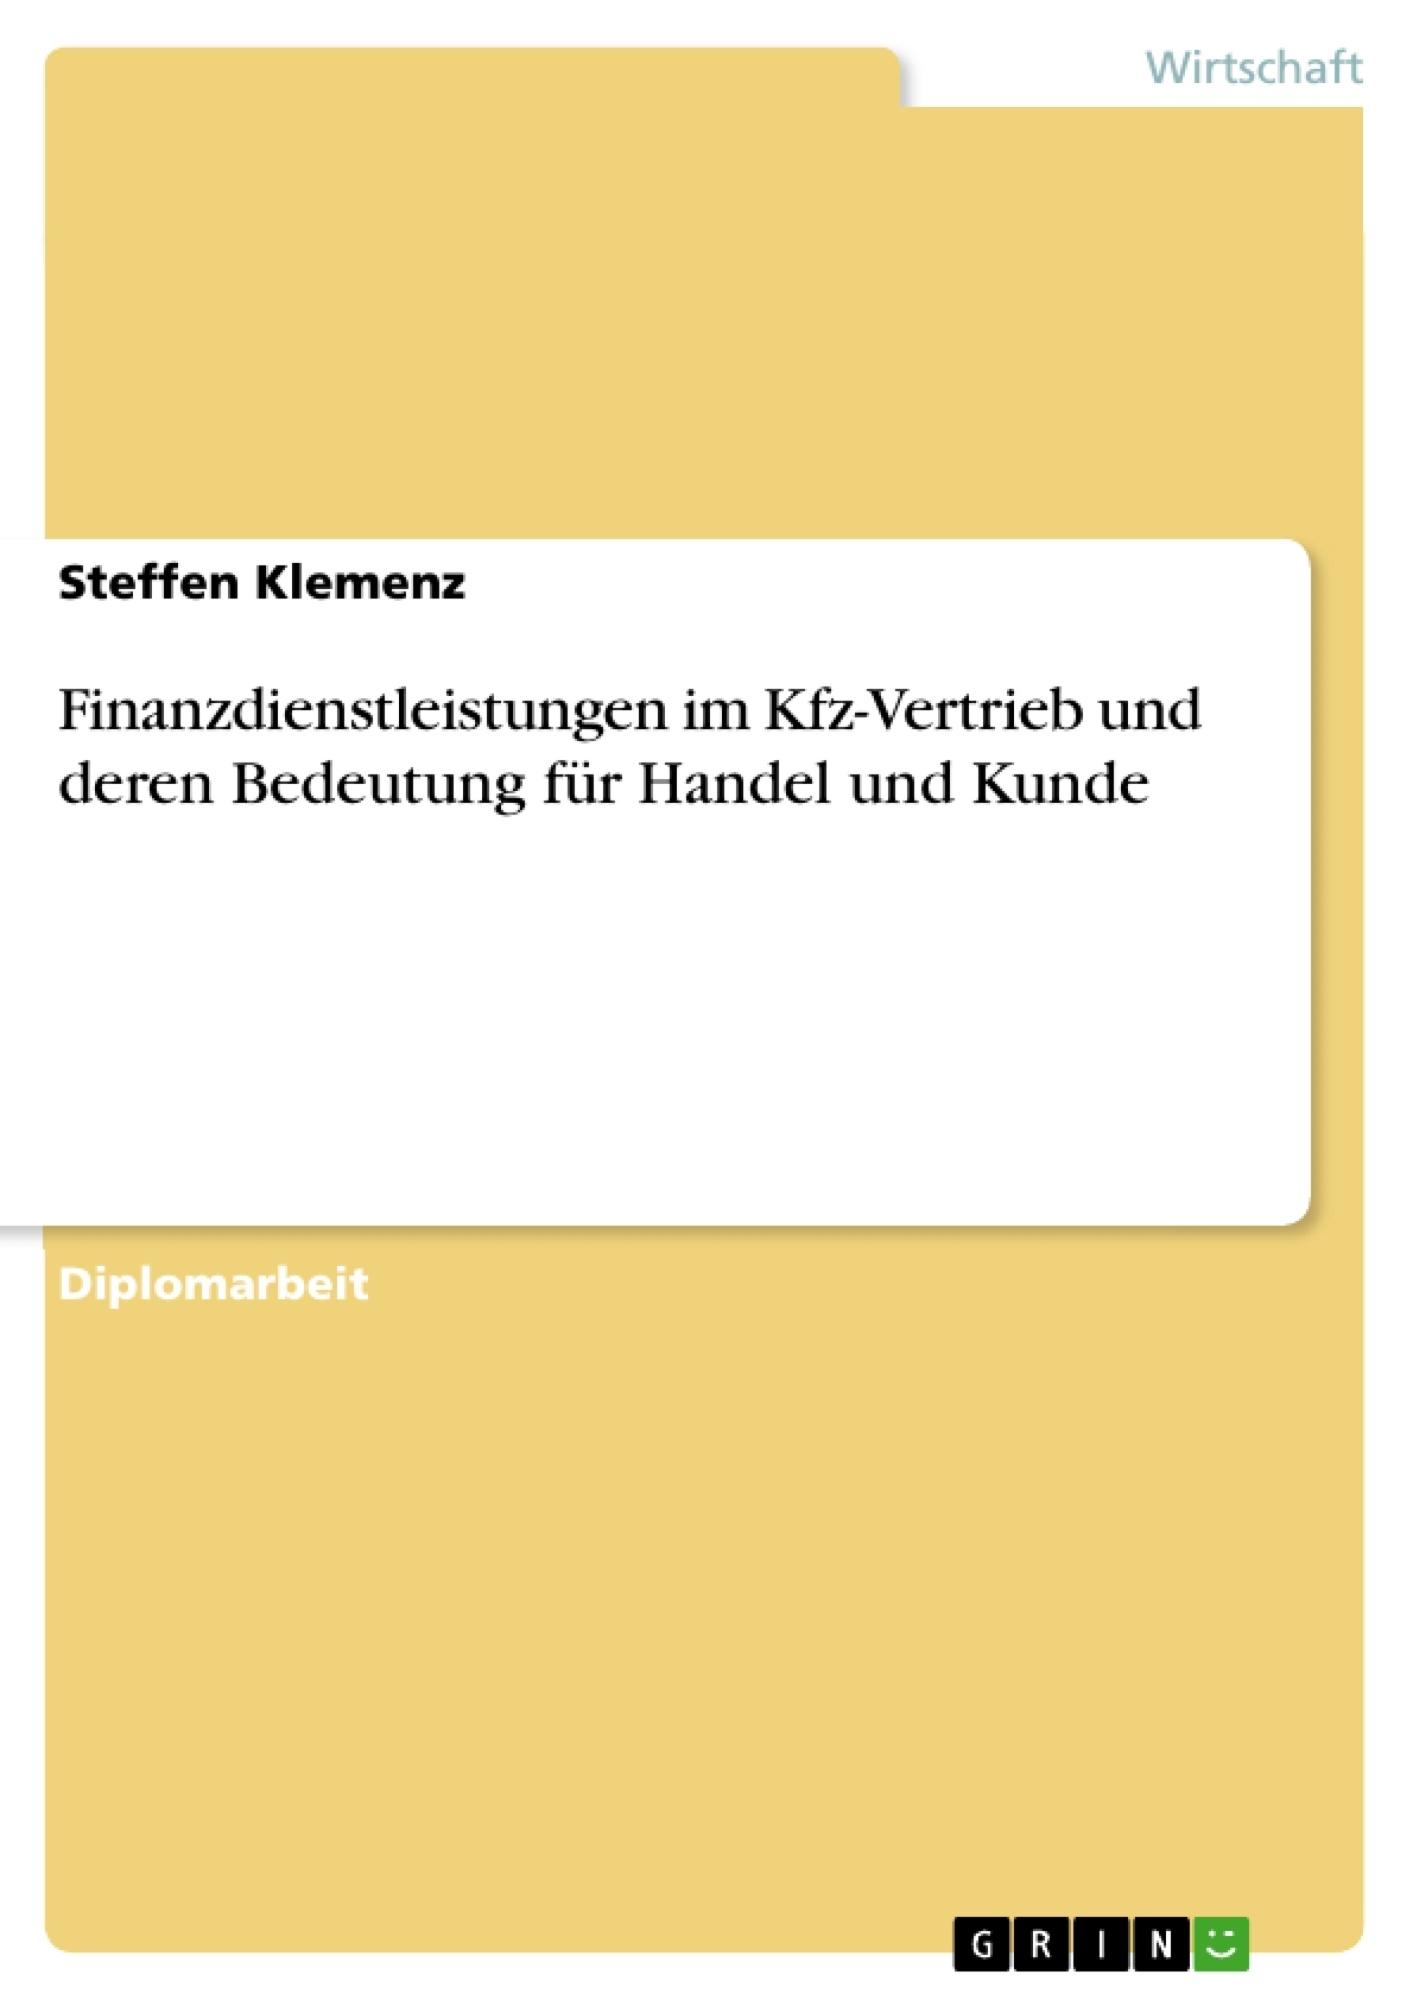 Titel: Finanzdienstleistungen im Kfz-Vertrieb und deren Bedeutung für Handel und Kunde